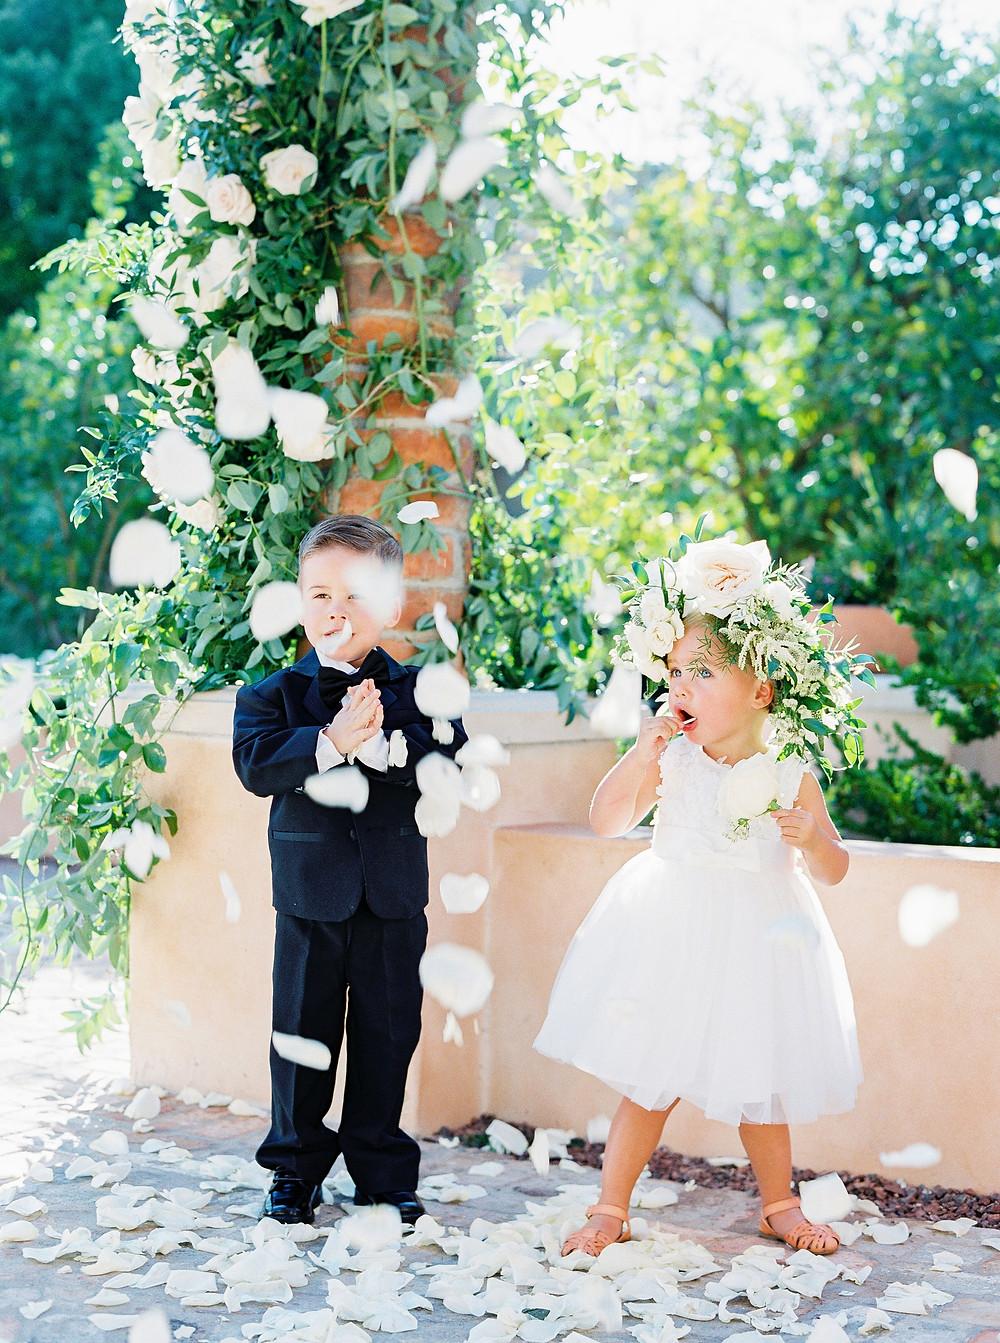 Royal Palms Wedding, Ring Bearer and Flower Girl